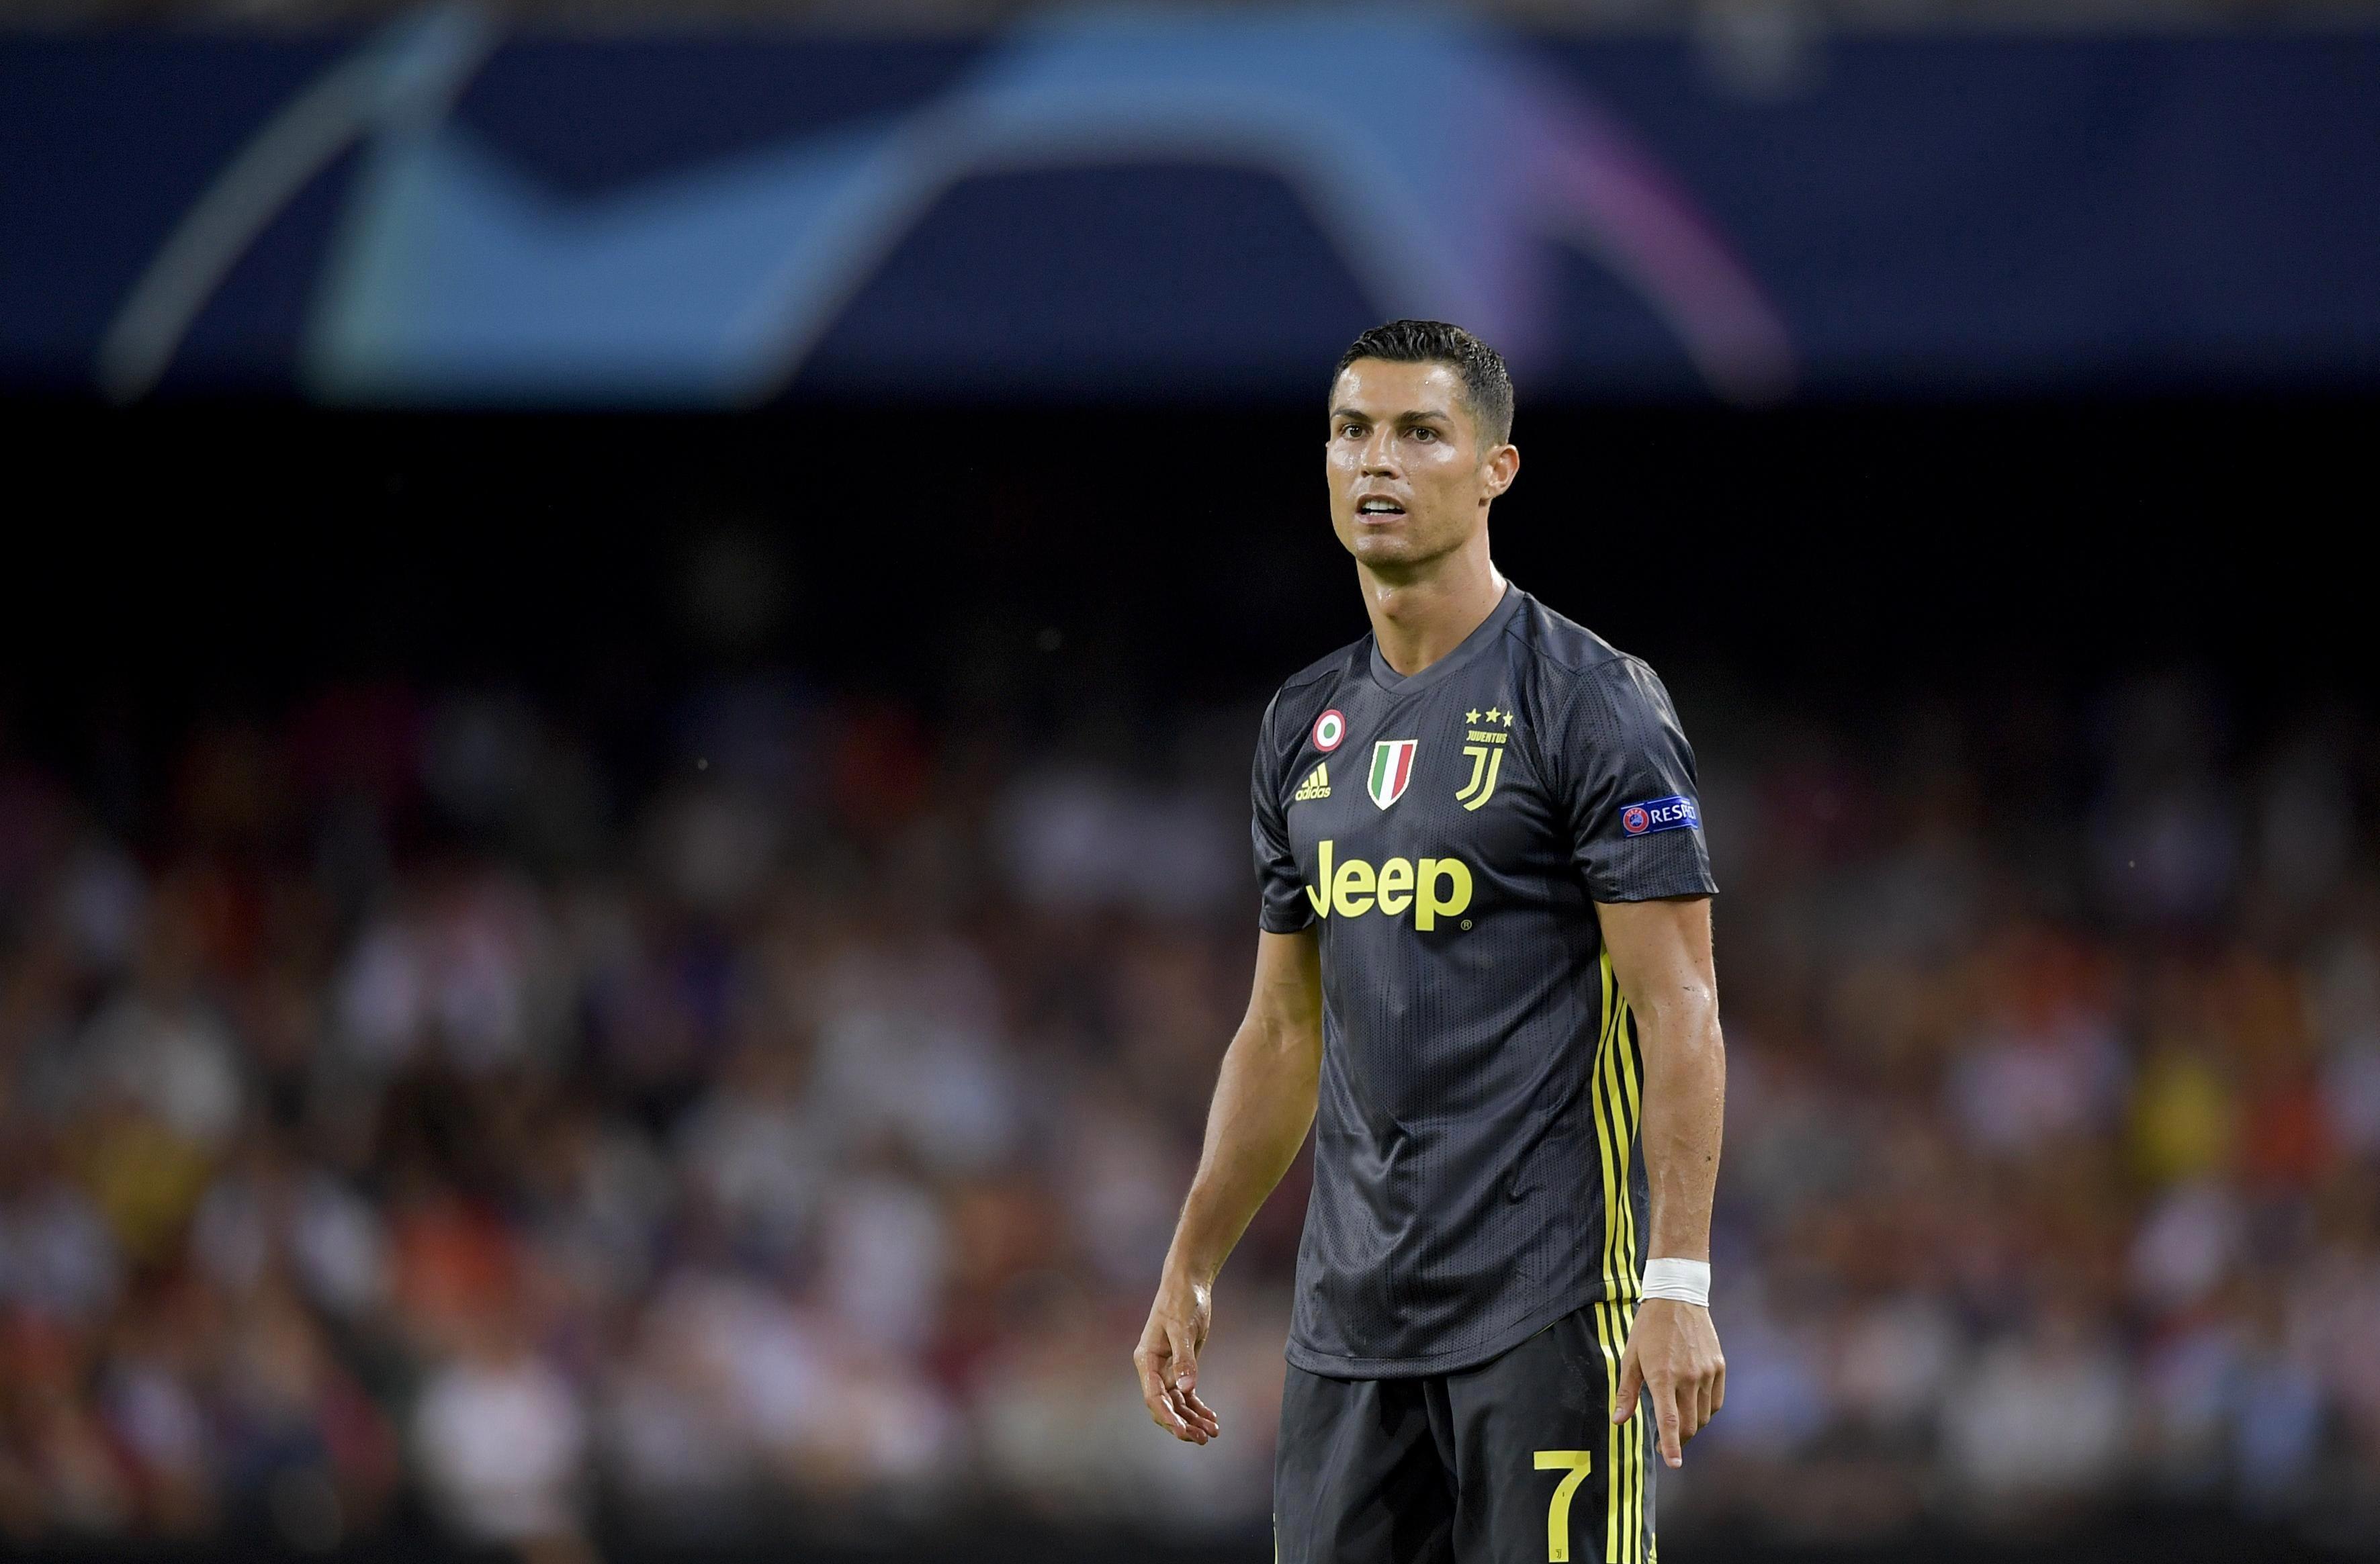 Cristiano Ronaldo has failed to make the cut